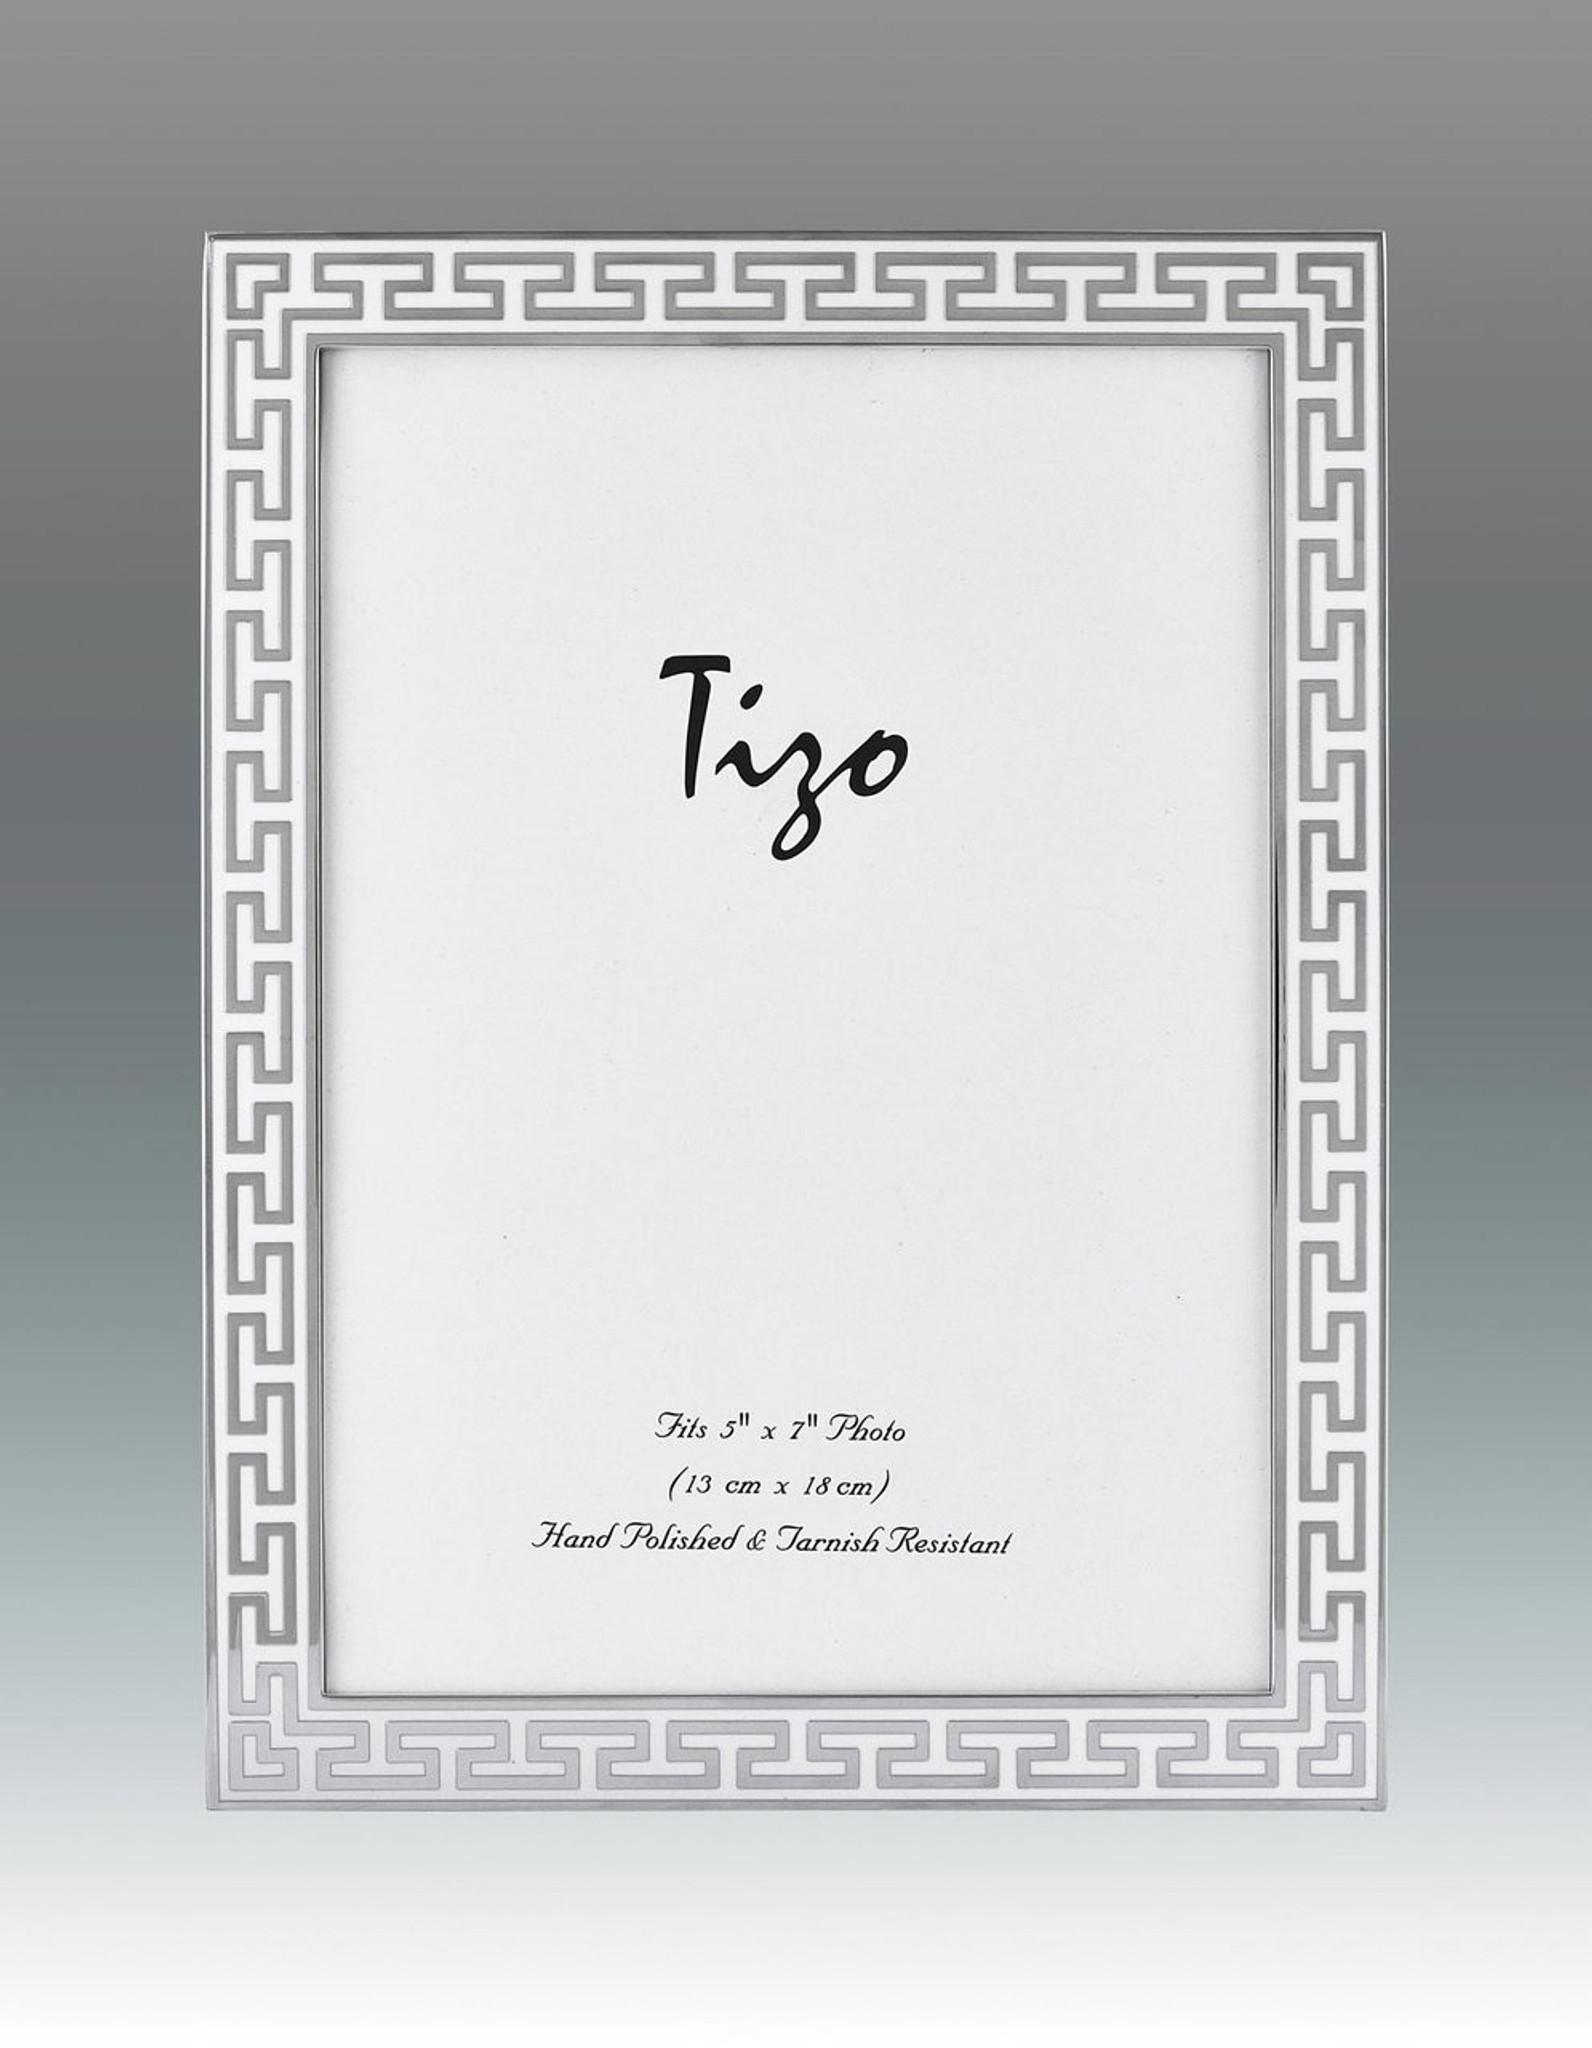 Tizo Picture Frames